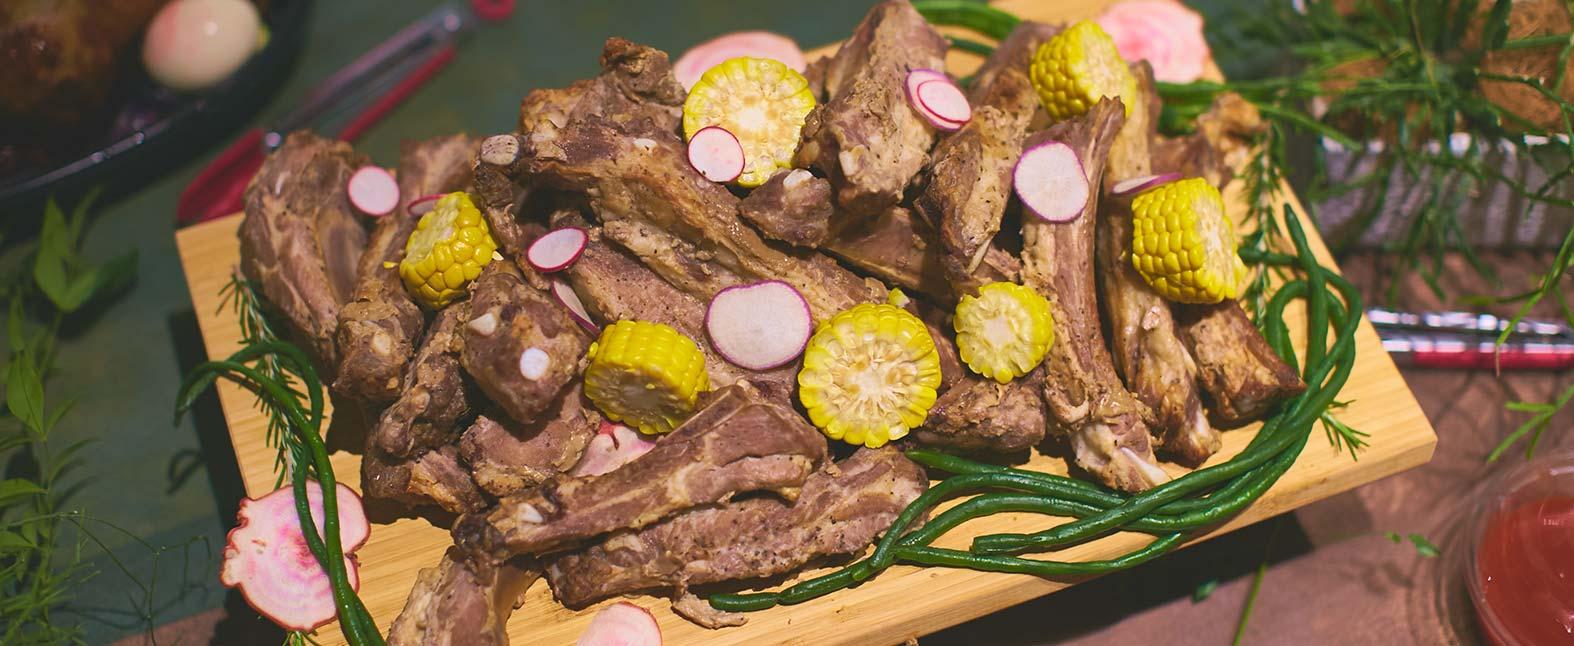 ケータリングで肉フェス??パーティーで人気のお肉料理をご紹介します!